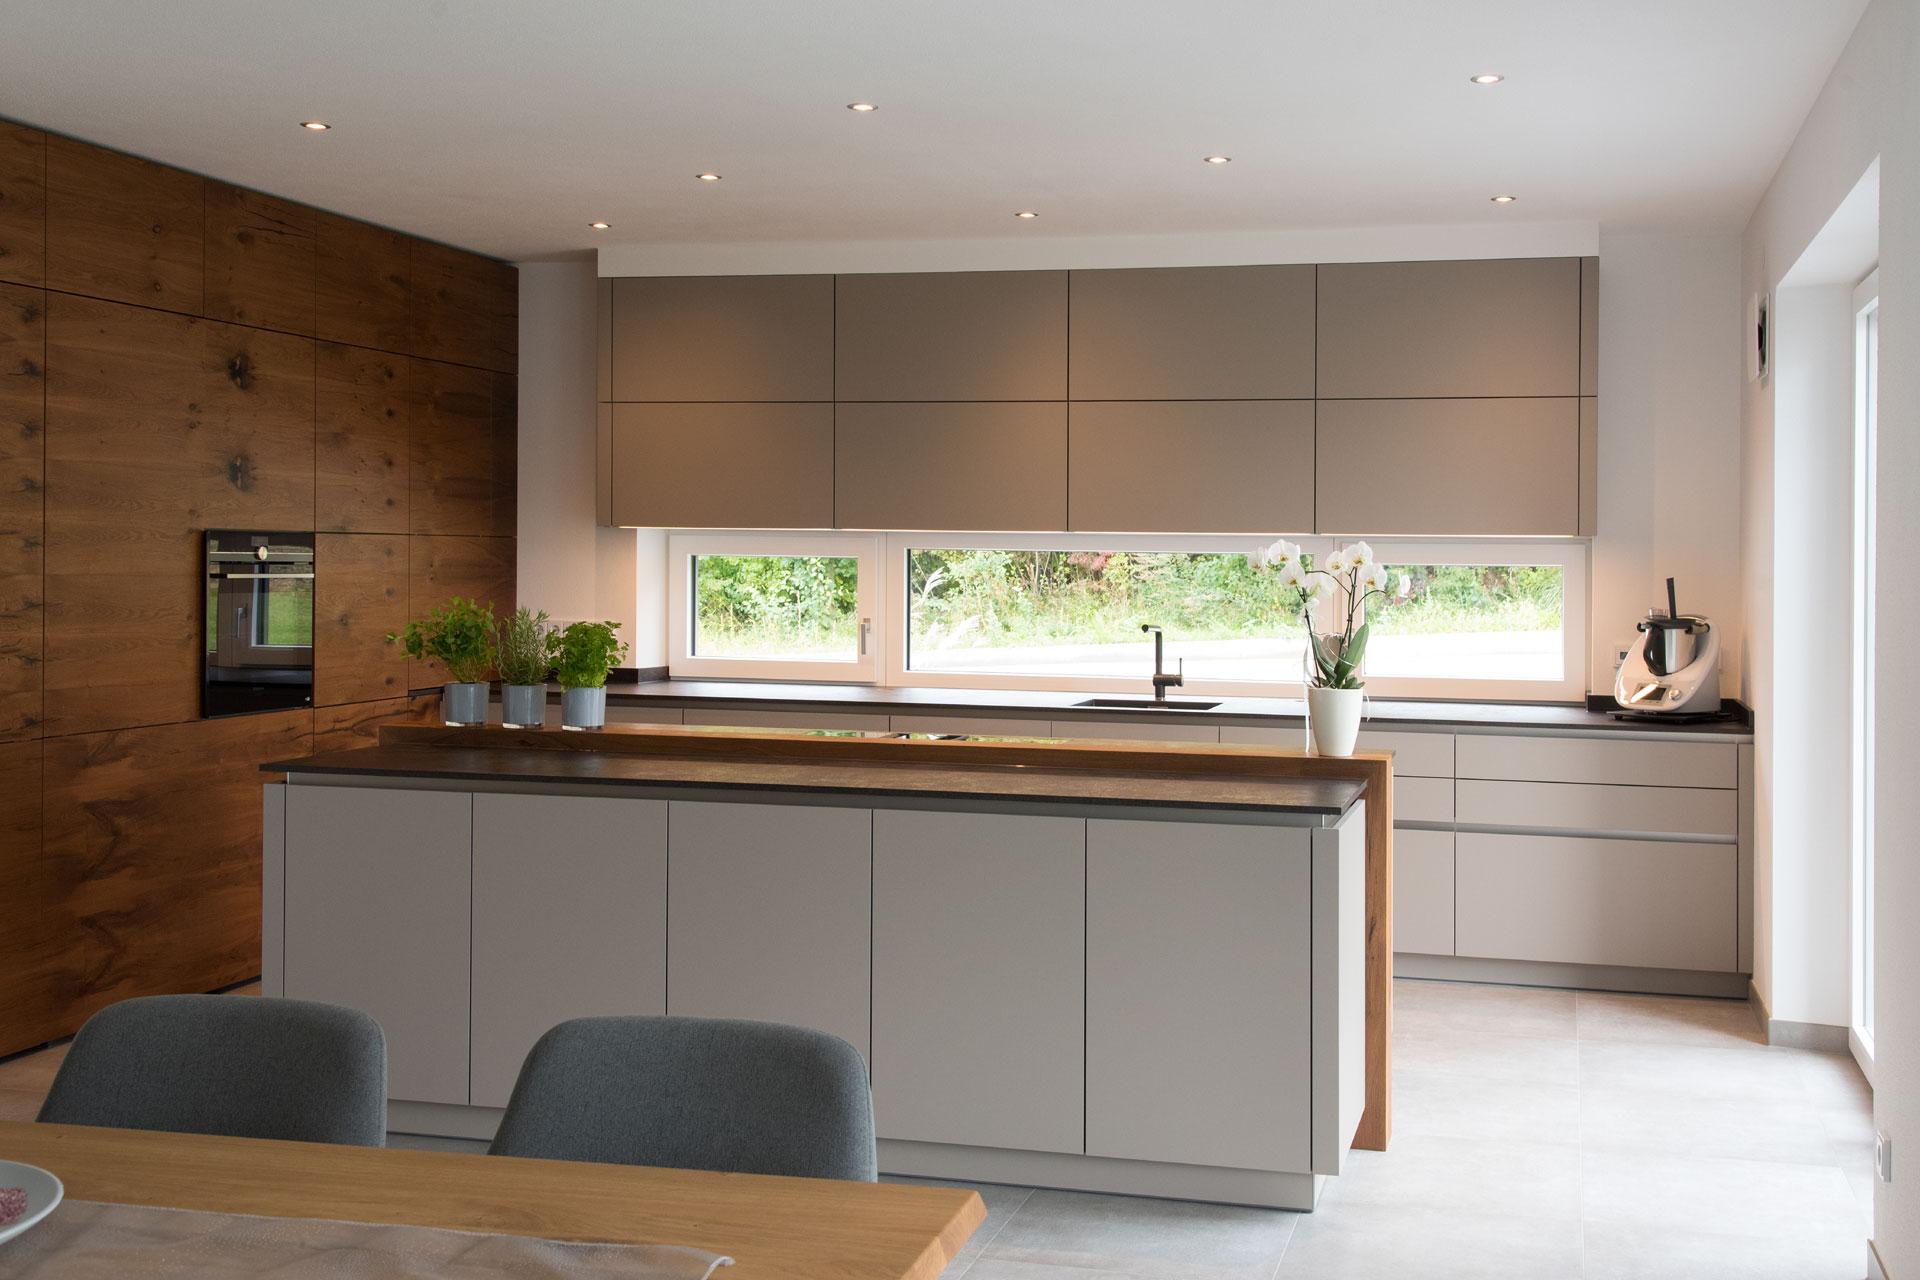 Aiglsbach - Küche Küchenplaner Küchenausstellung Küchenstudio